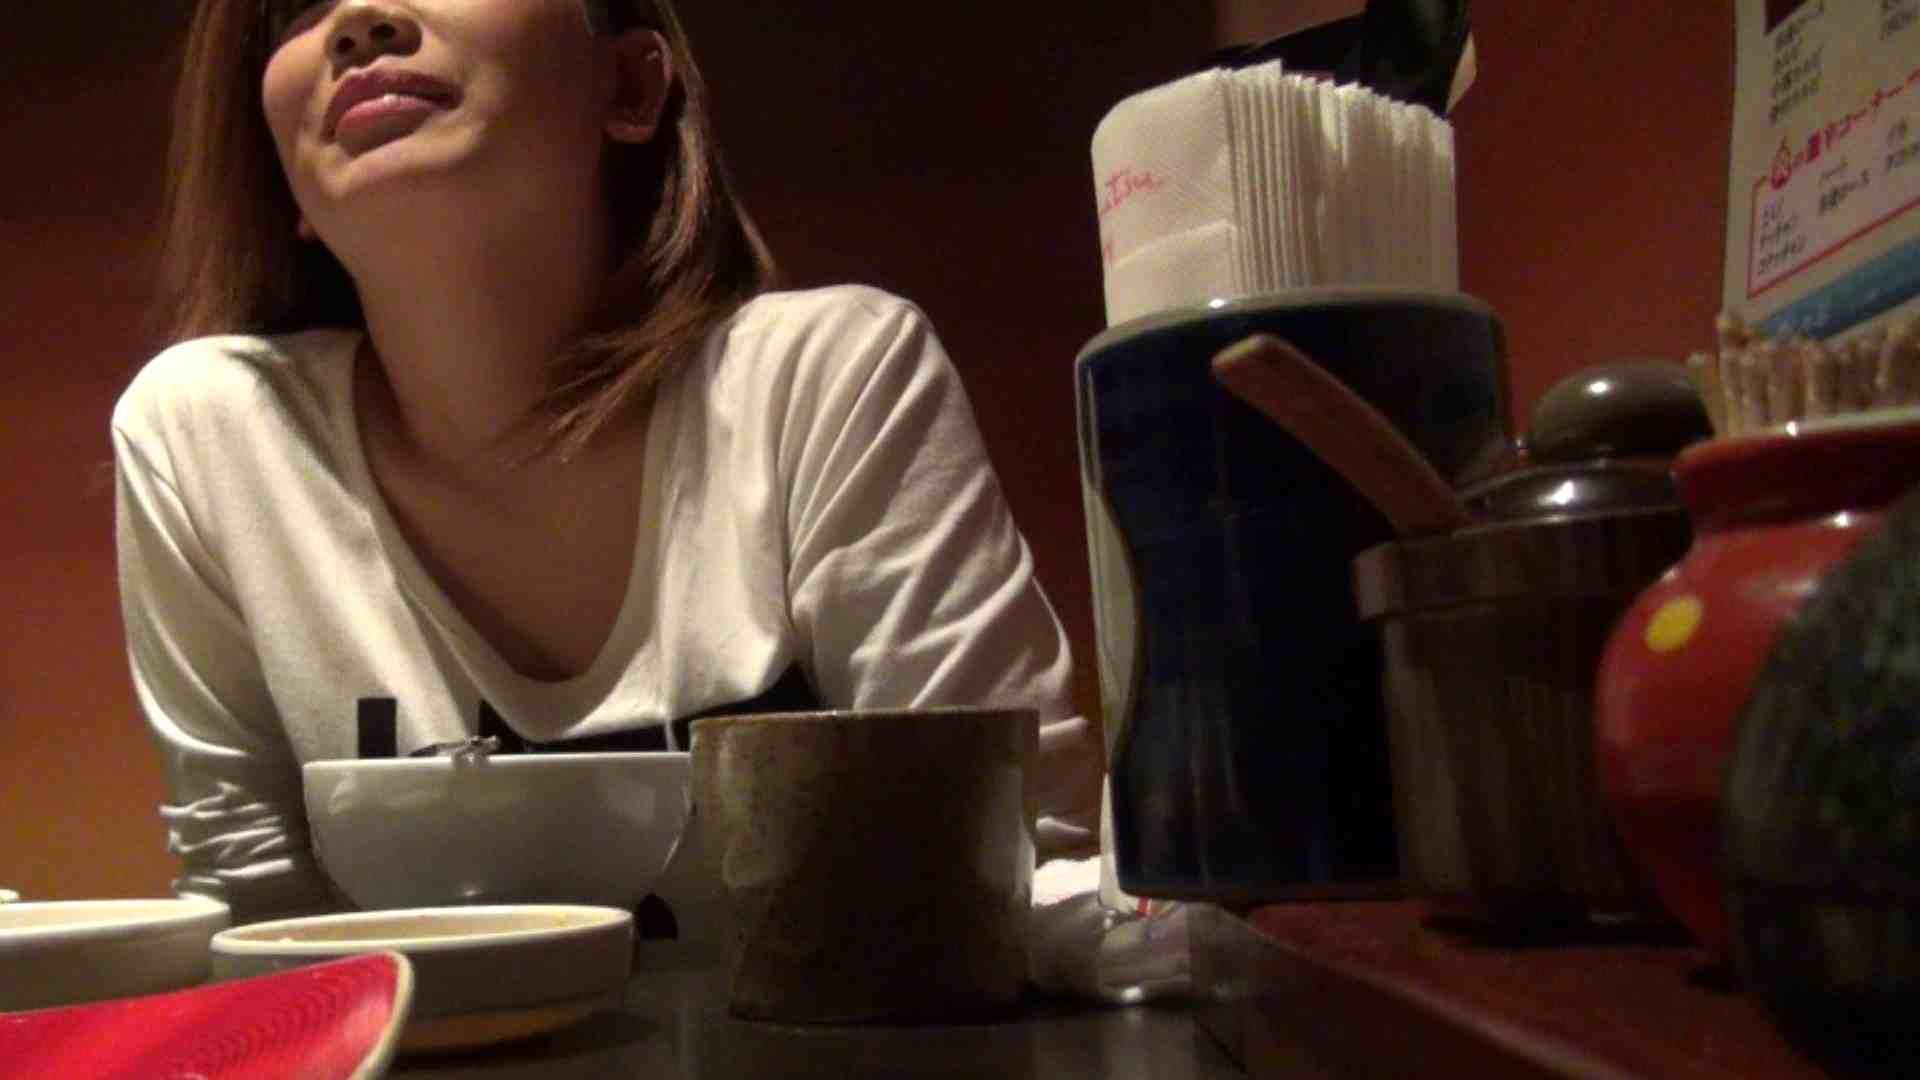 【出会い01】大助さんMちゃんと食事会 悪戯  65連発 49